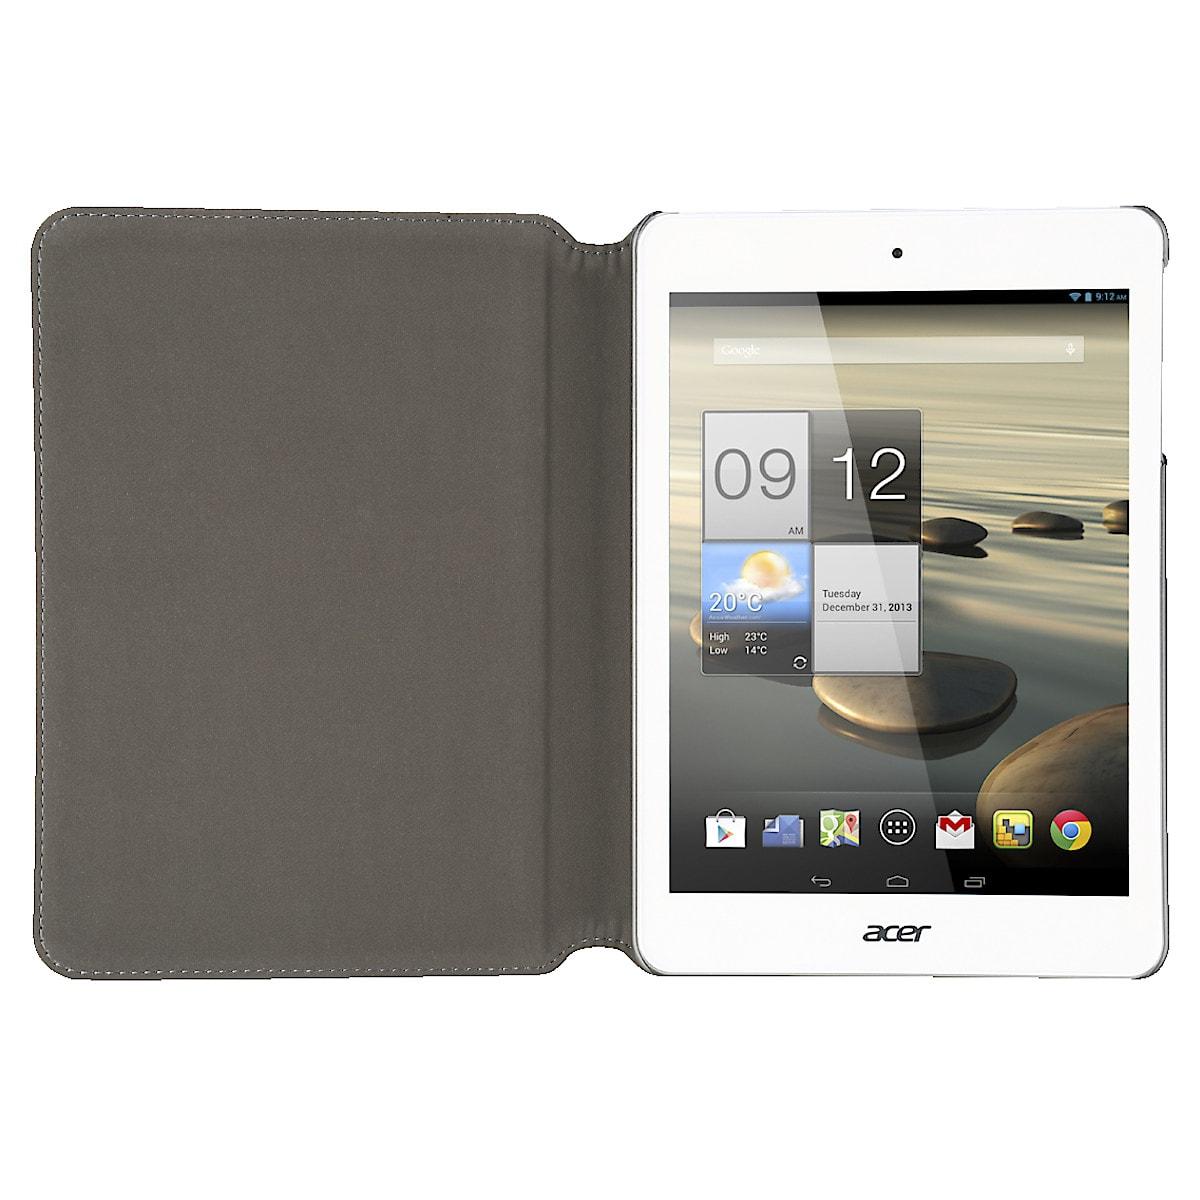 Fodral för Acer Iconia A1-830 8